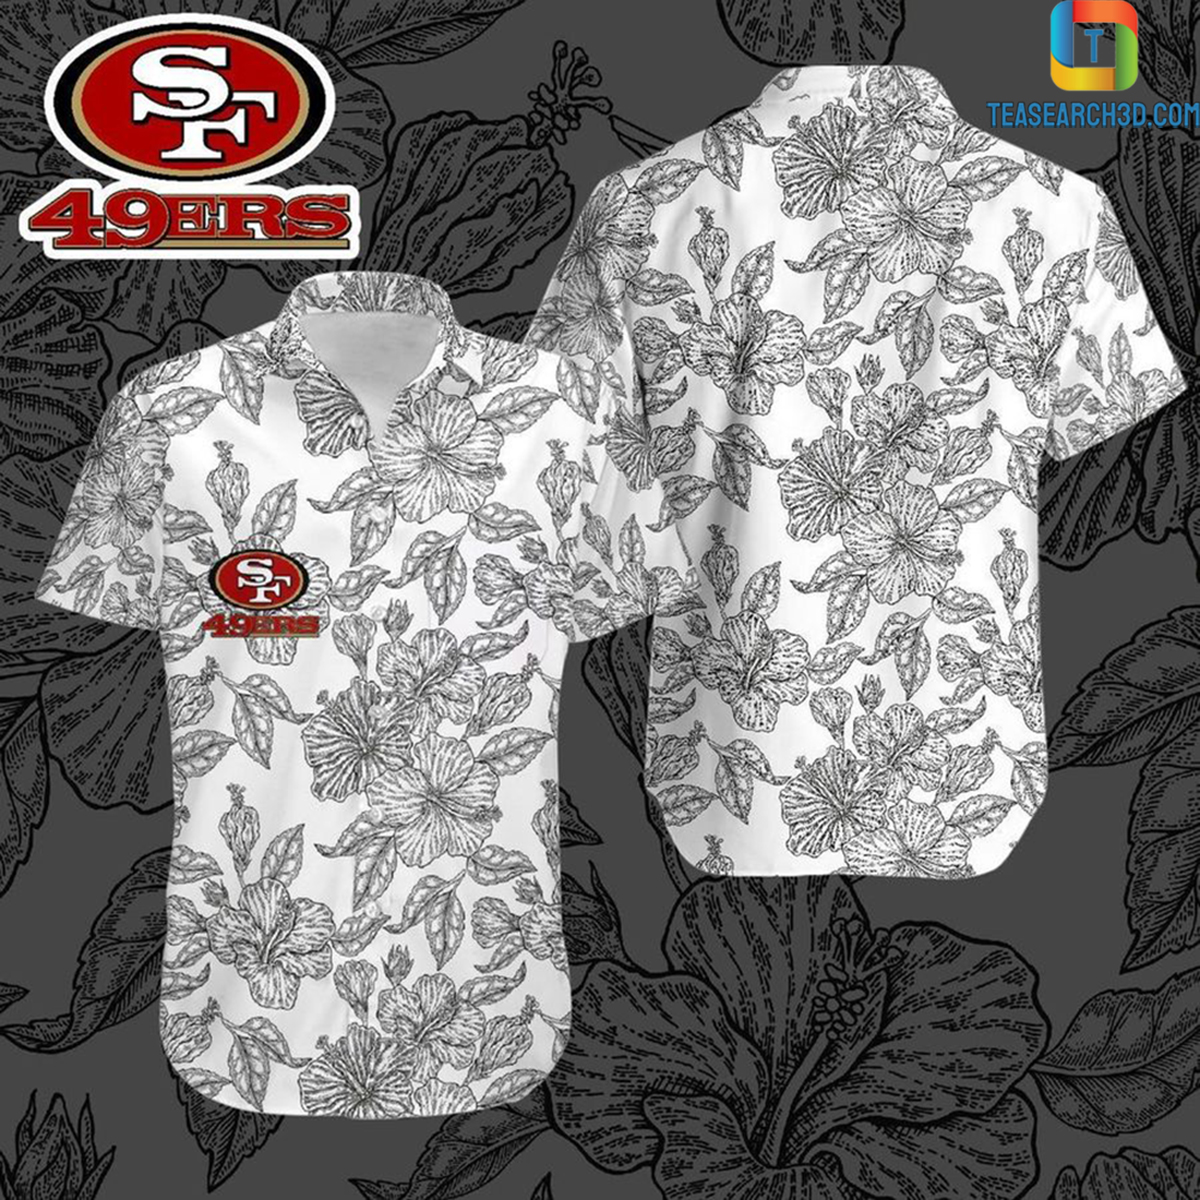 San francisco 49ers nfl football hawaiian shirt 2